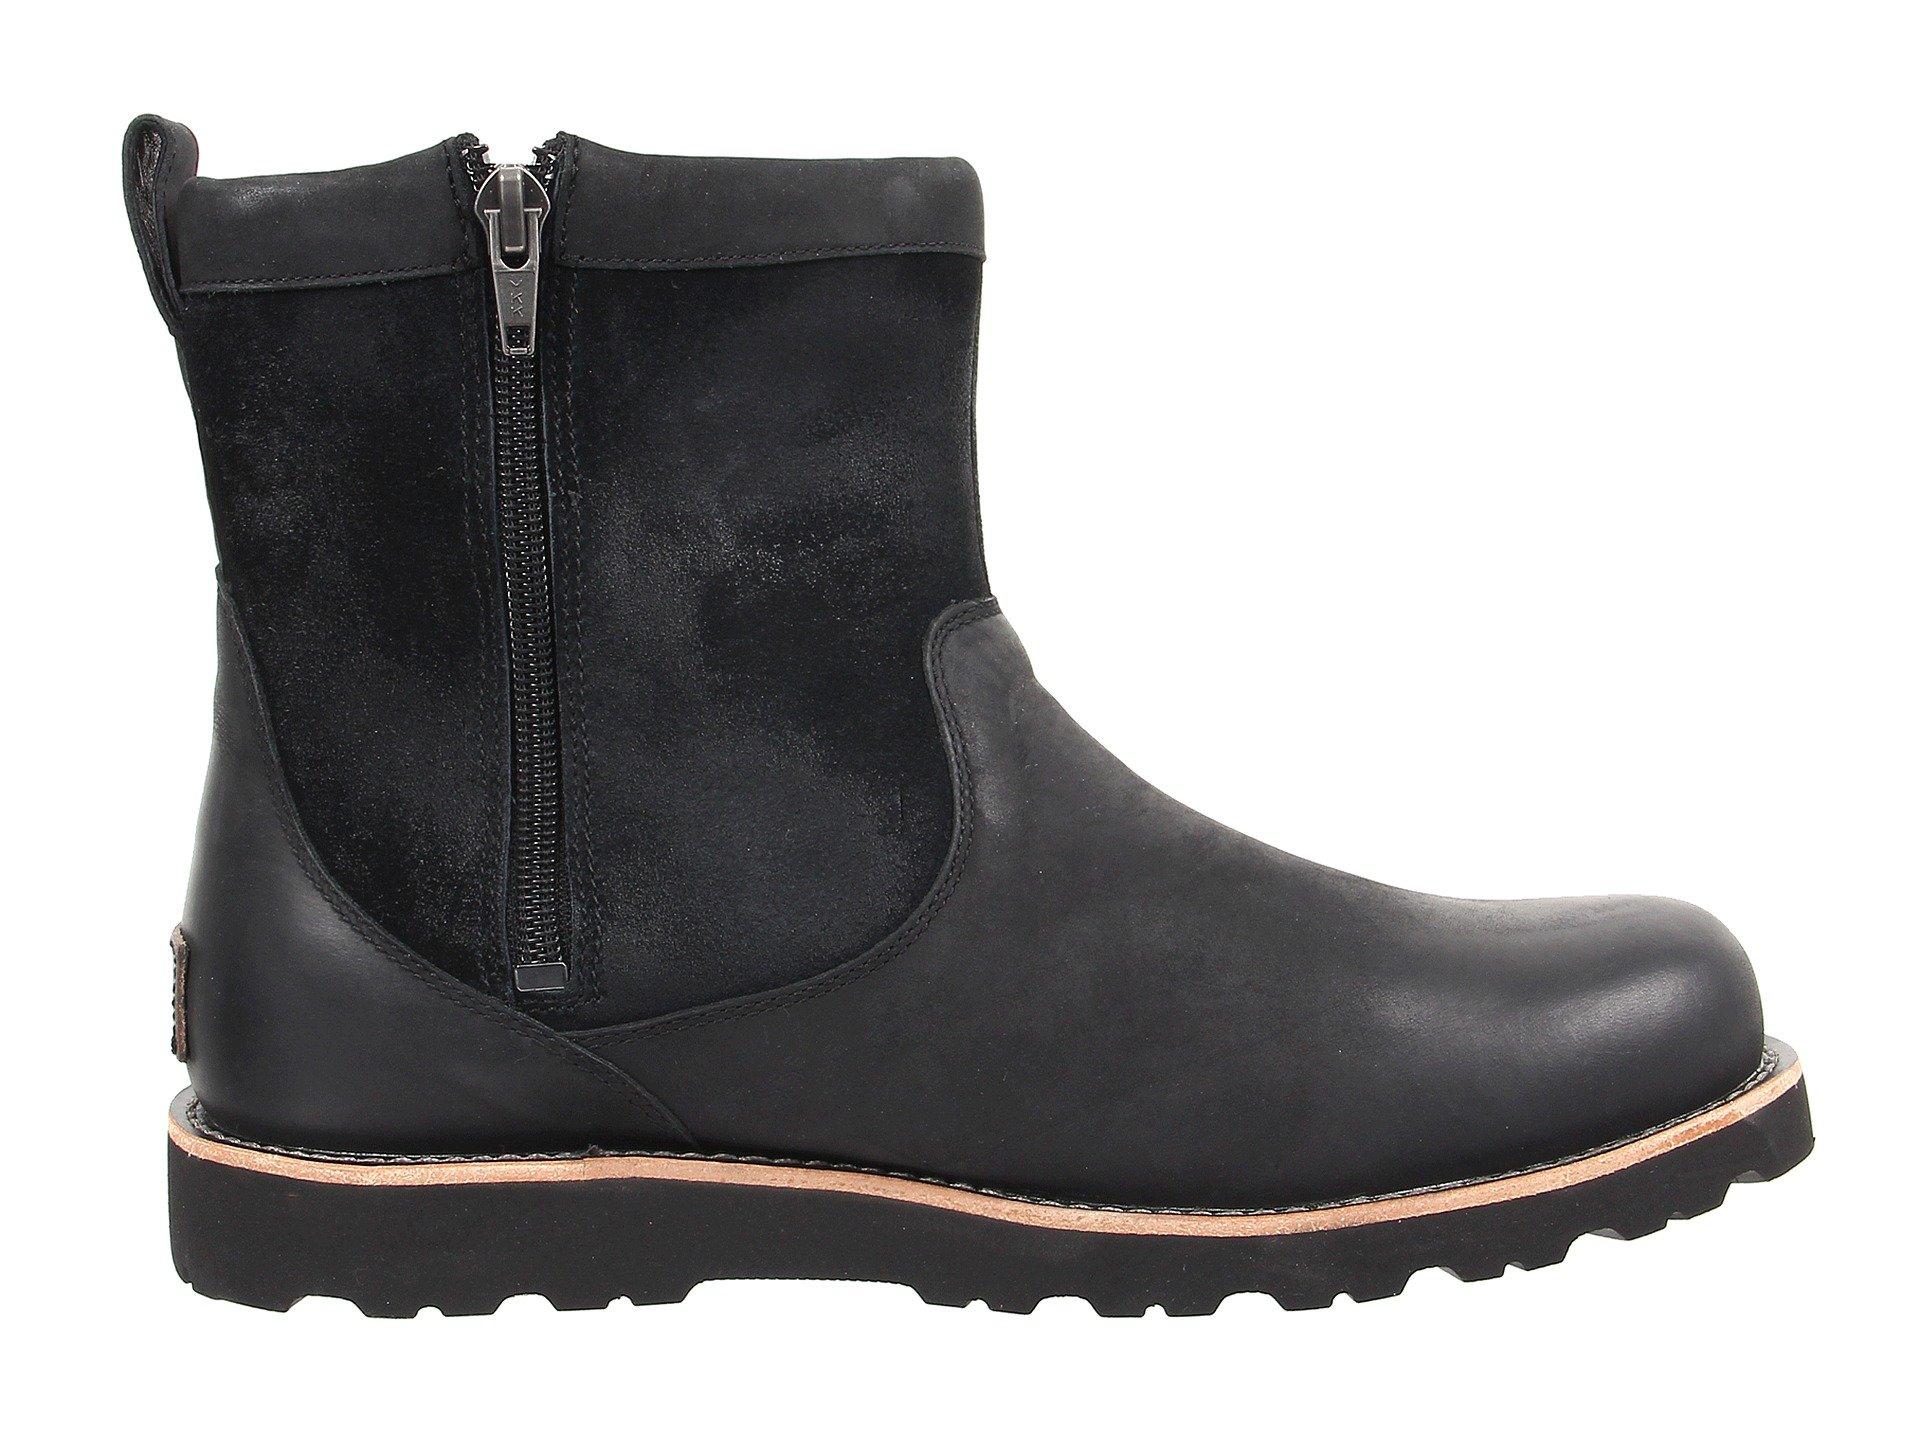 ugg boots amazon usa